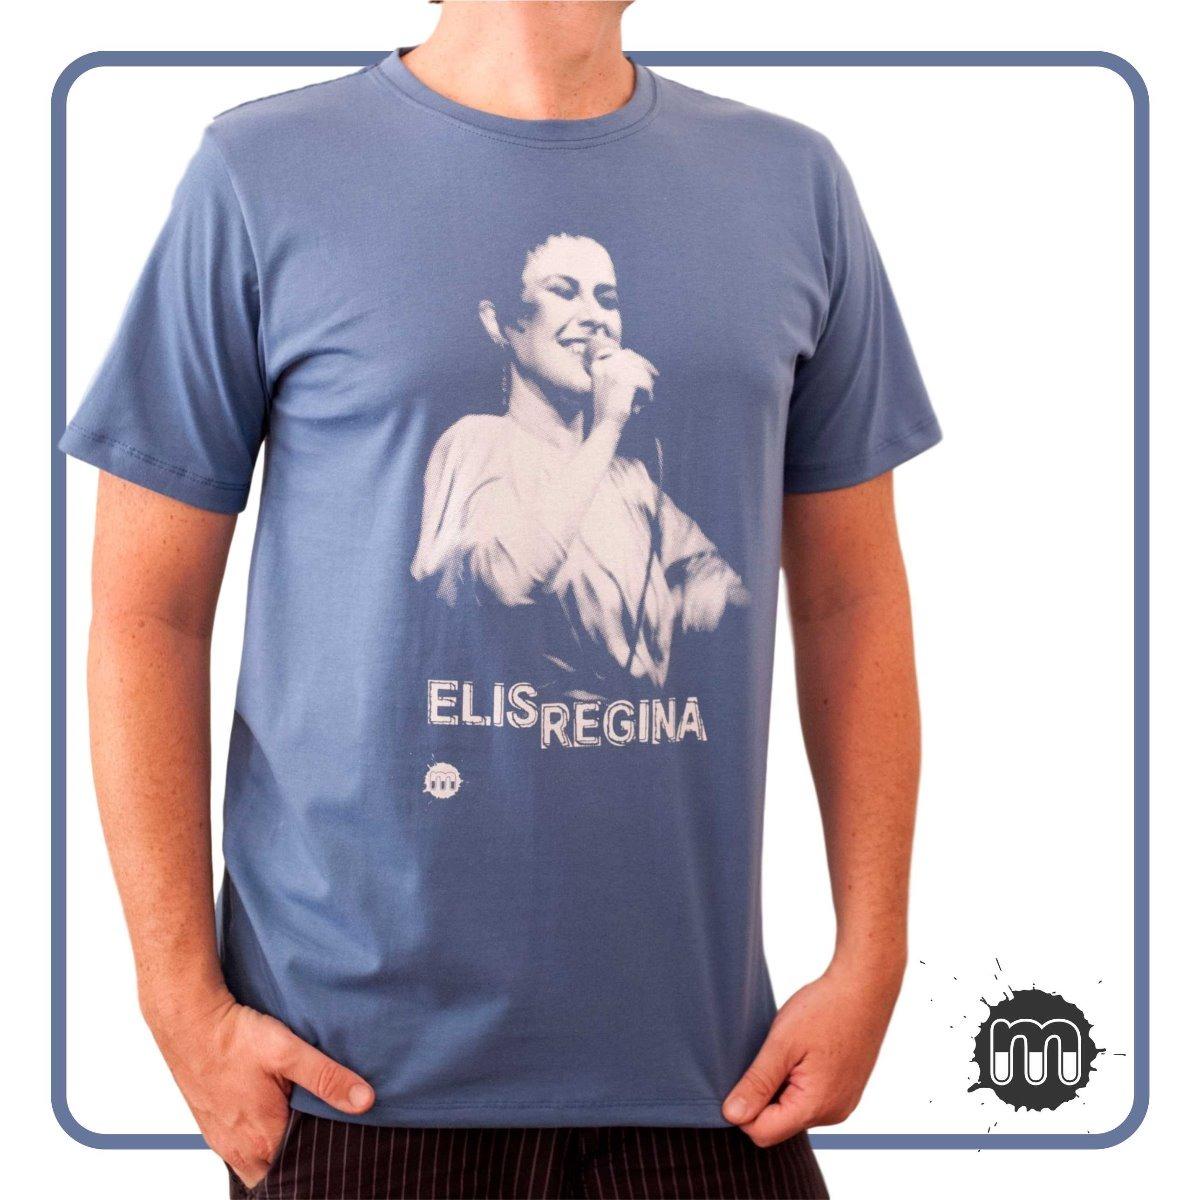 camiseta mpb elis regina. Carregando zoom. 00f5d1c93ac98